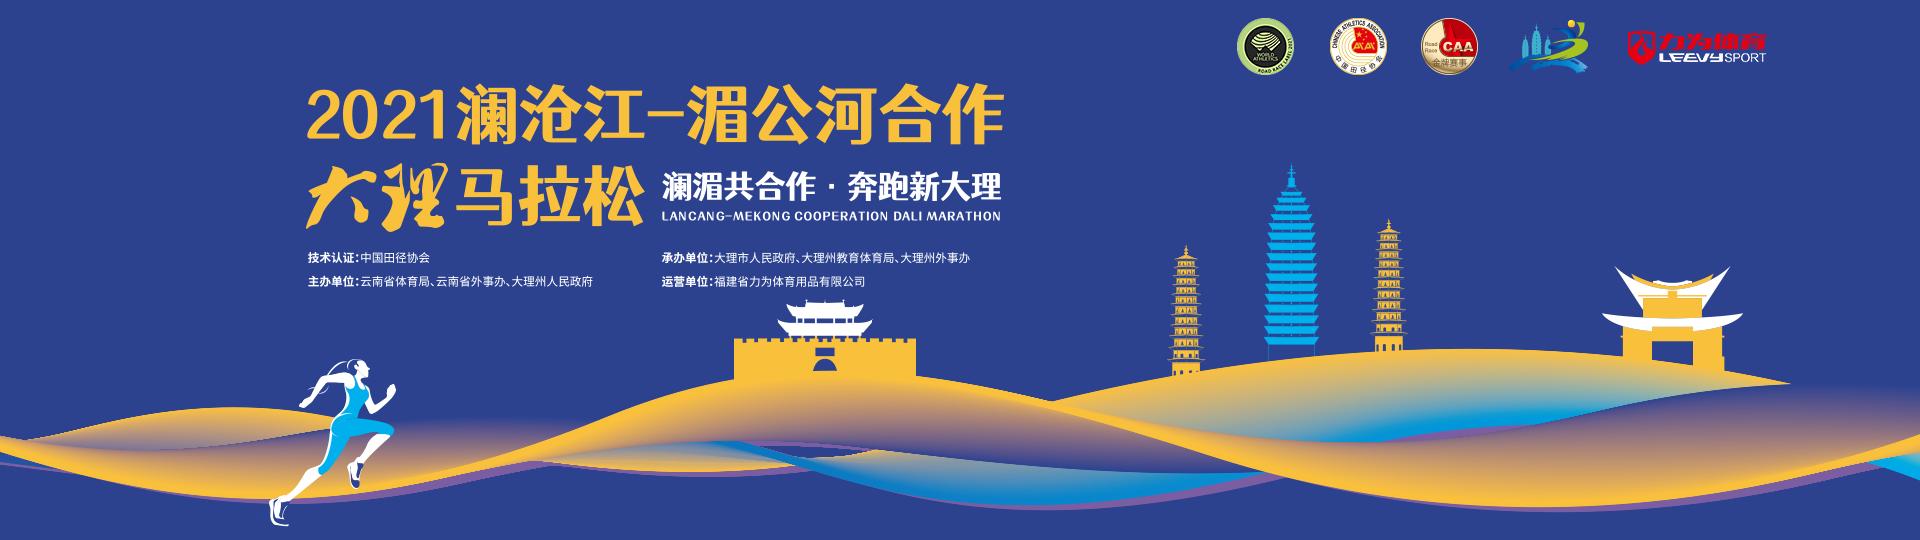 2021澜沧江-湄公河合作大理马拉松